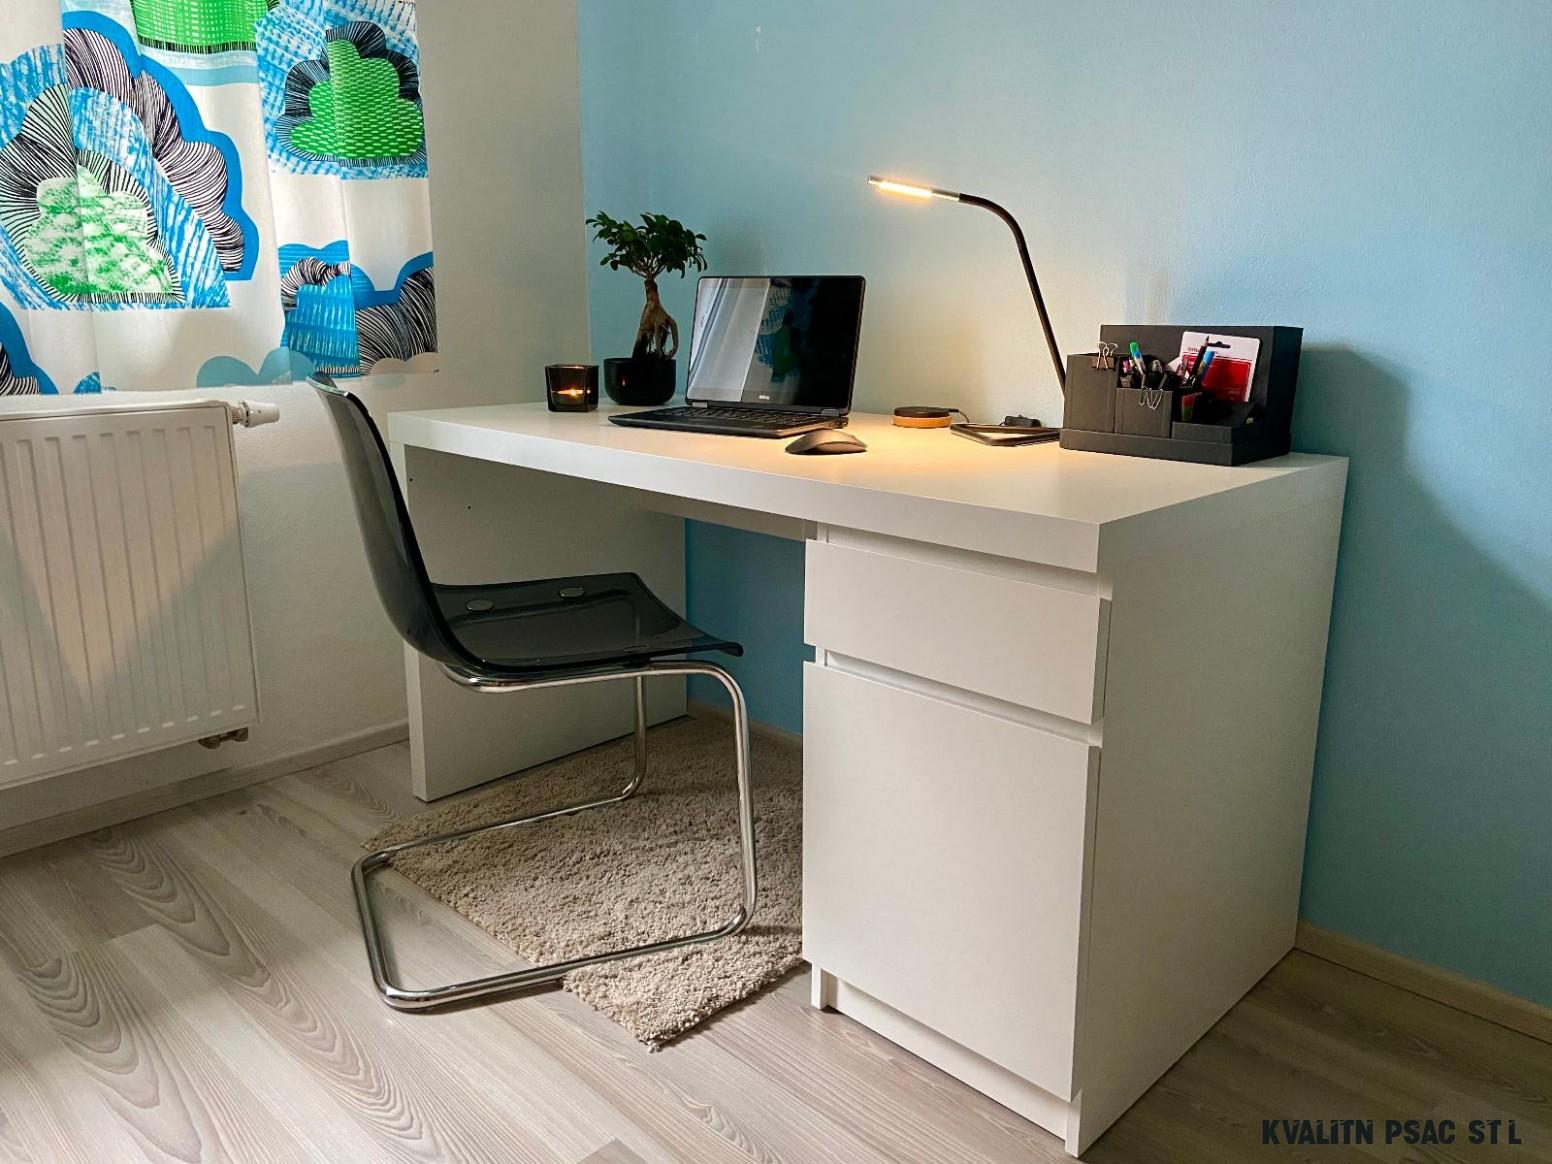 Kvalitní psací stůl IKEA MALM - bílý